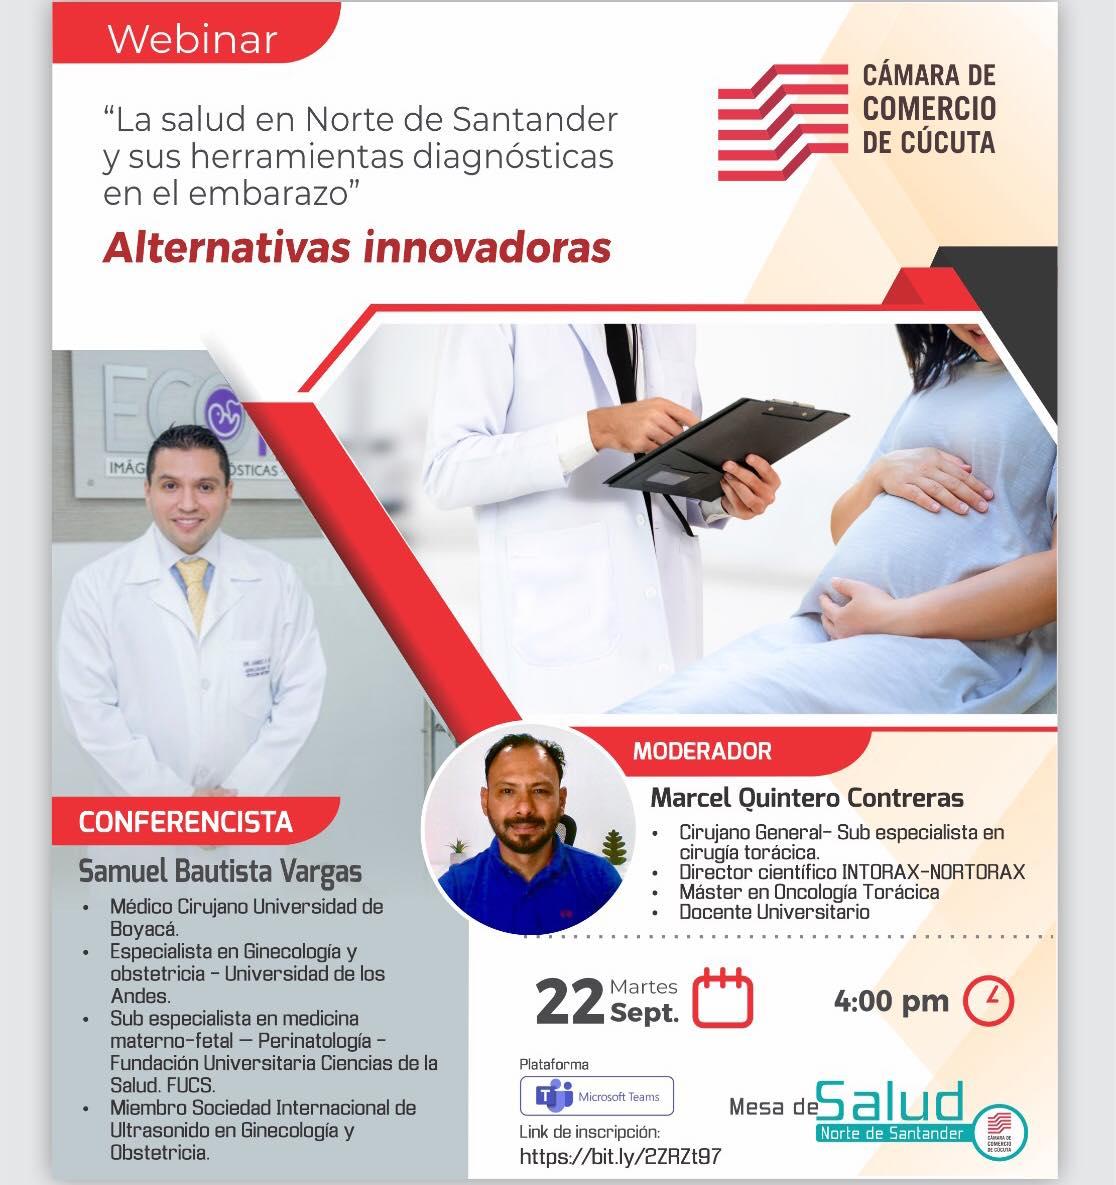 """Este martes 22 de septiembre a las 4:00 PM tendremos el webinar: """"La Salud en Norte de Santander y sus herramientas diagnósticas en el Embarazo"""" Alternativas Innovadoras. Regístrate: https://bit.ly/2ZRZt97"""